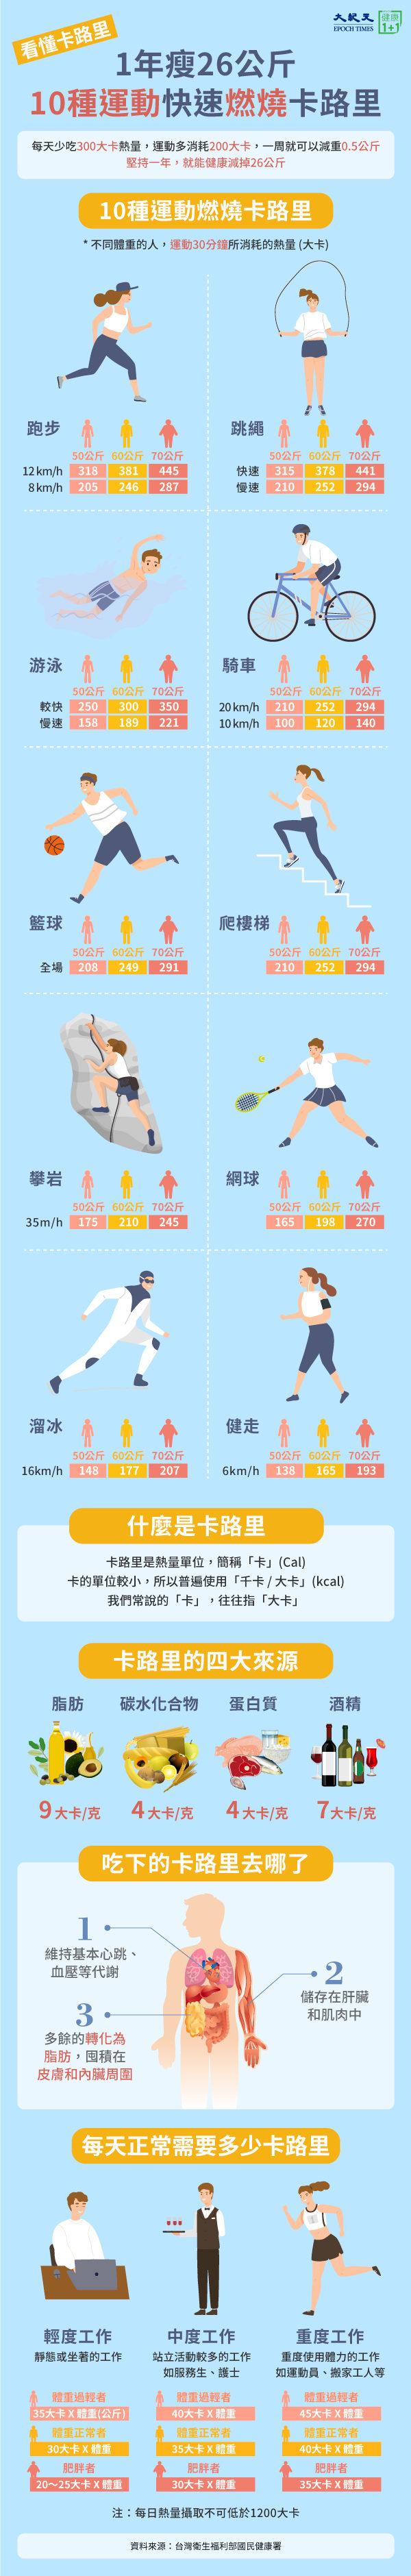 跑步、跳繩、健走等10種運動,幫你快速燃燒卡路里,減重瘦身。(大紀元製圖)